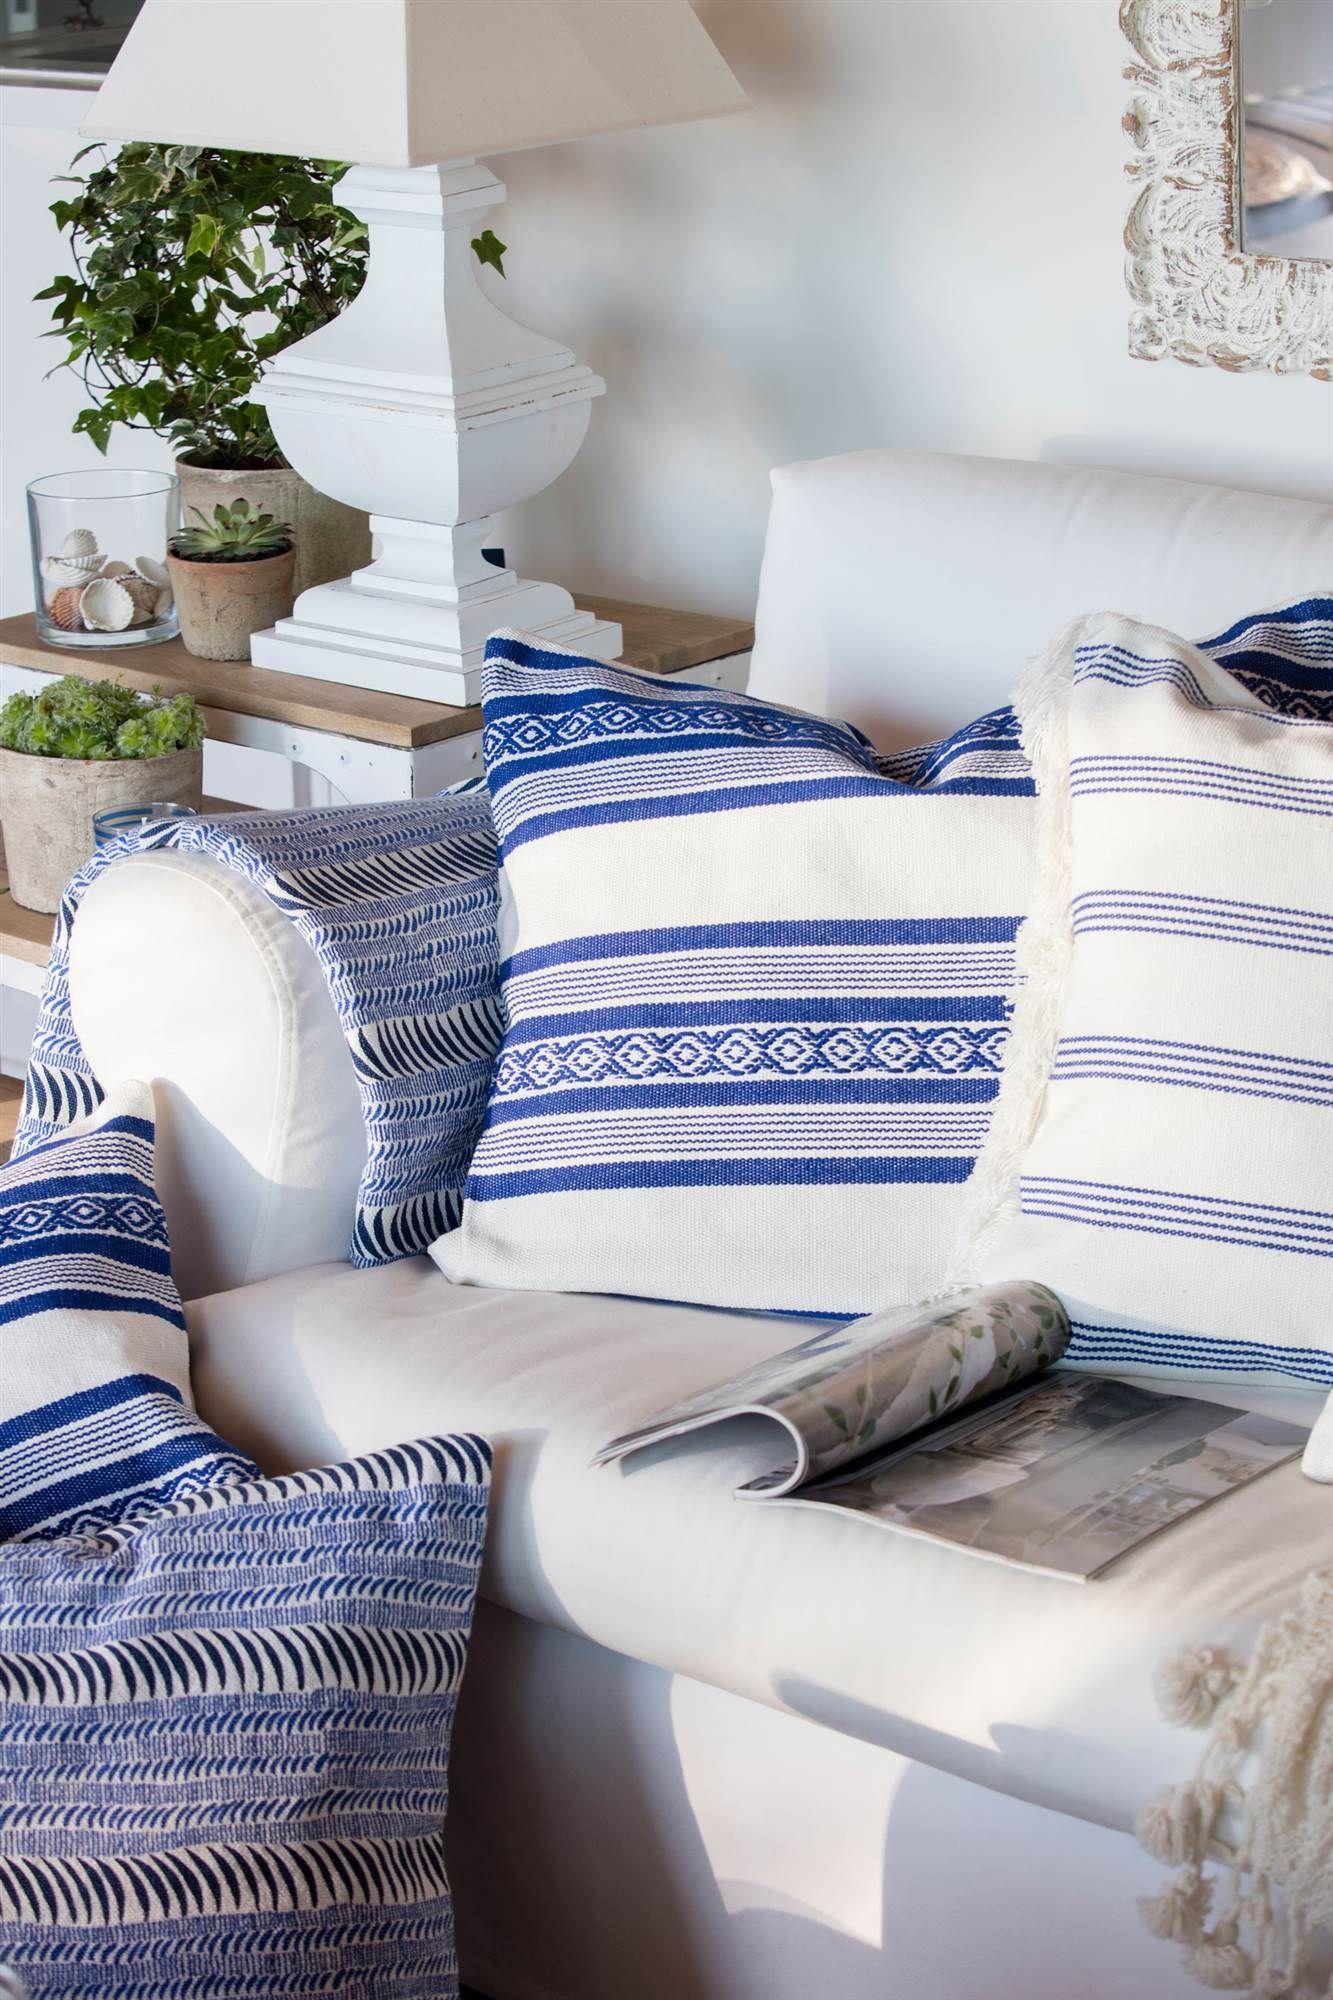 Como Decorar Un Sofa Blanco Con Cojines.Estilo Marinero Con Blanco Y Azul En 2019 Cojines Azules